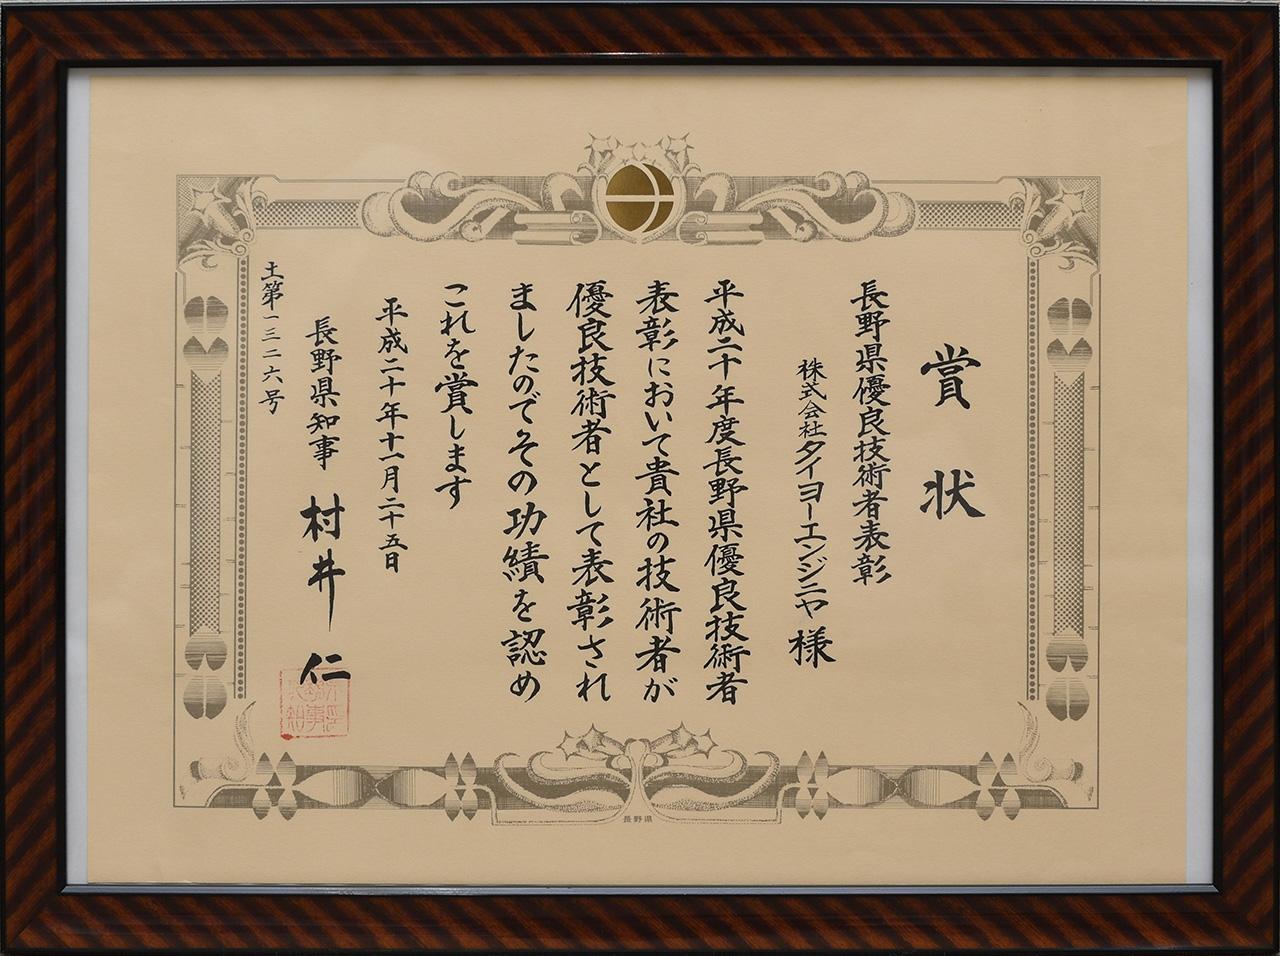 長野県優良技術者表彰